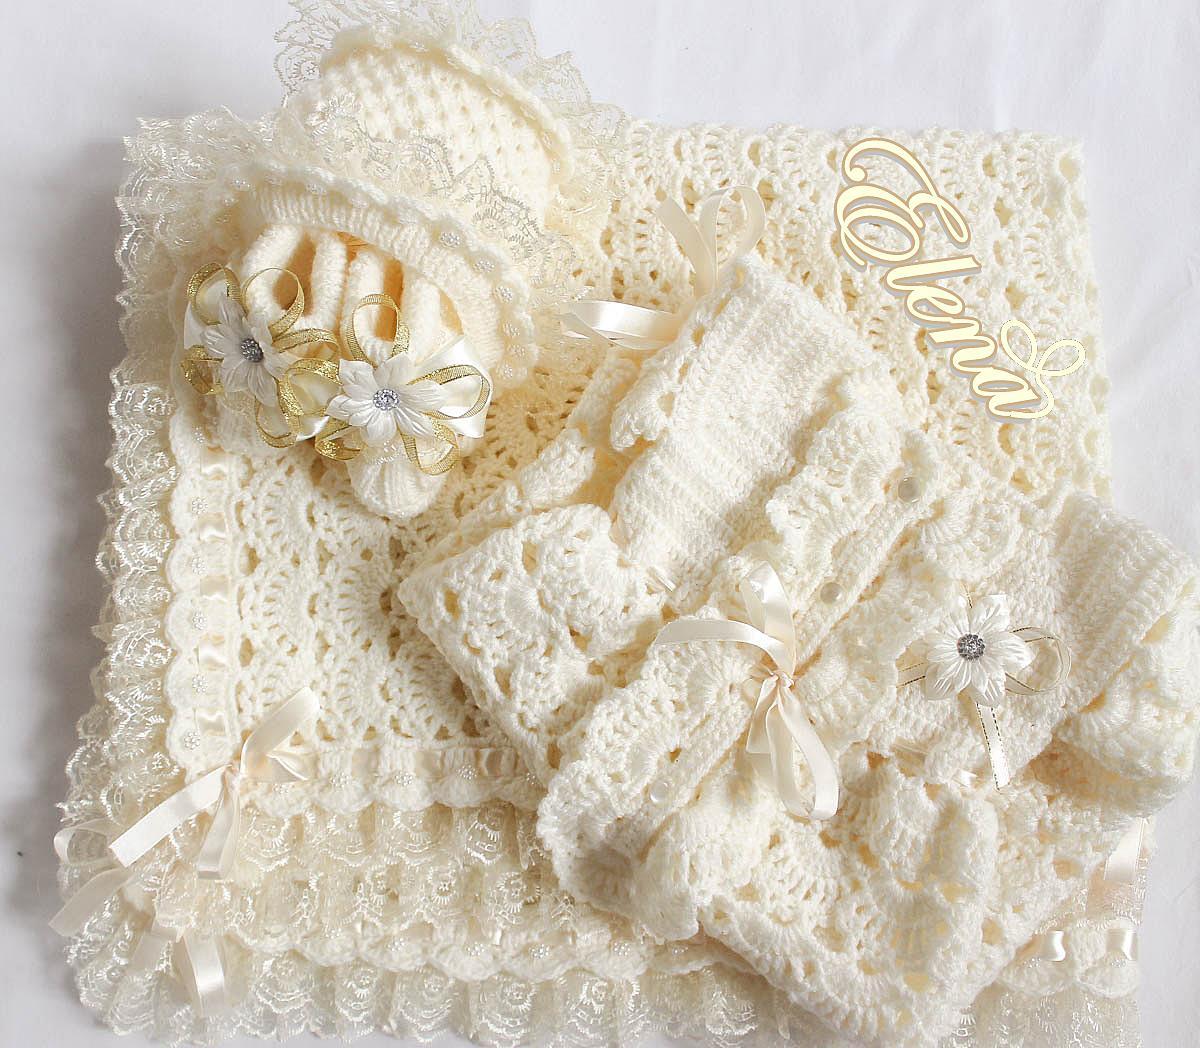 Вязание новорожденным » Вязание, вязание спицами, вязание крючком, Схемы